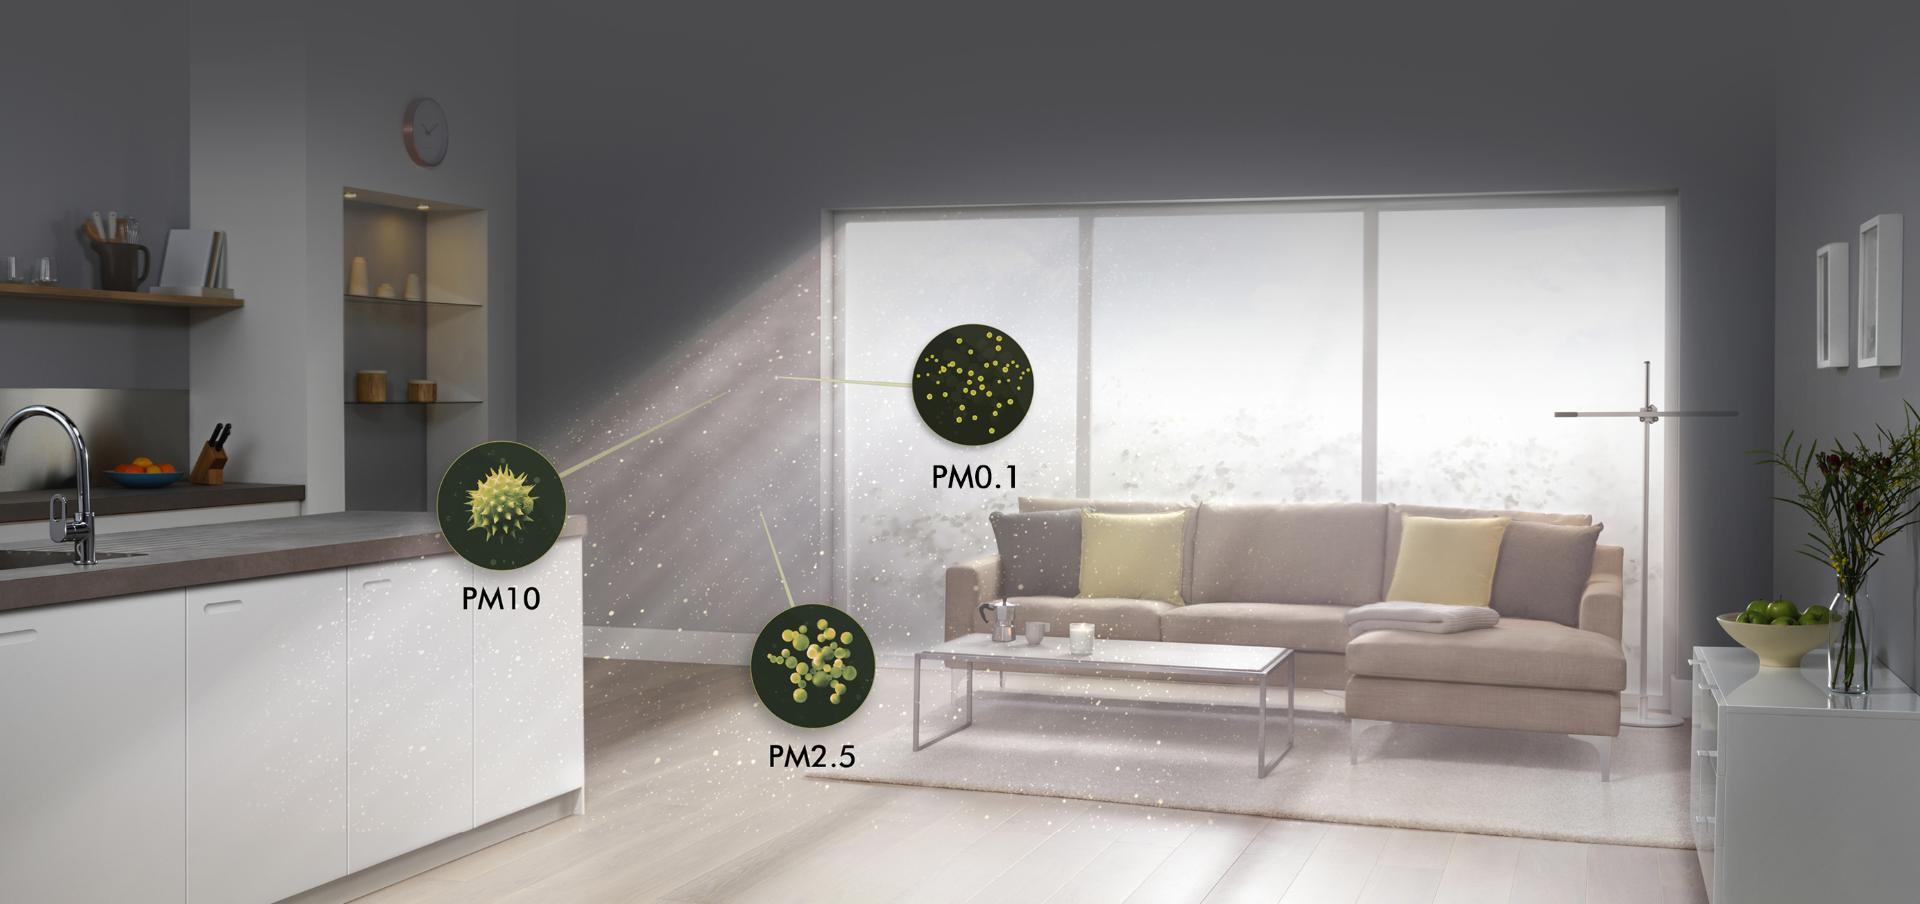 แสดงให้เห็นถึงห้องที่เต็มไปด้วยมลพิษ